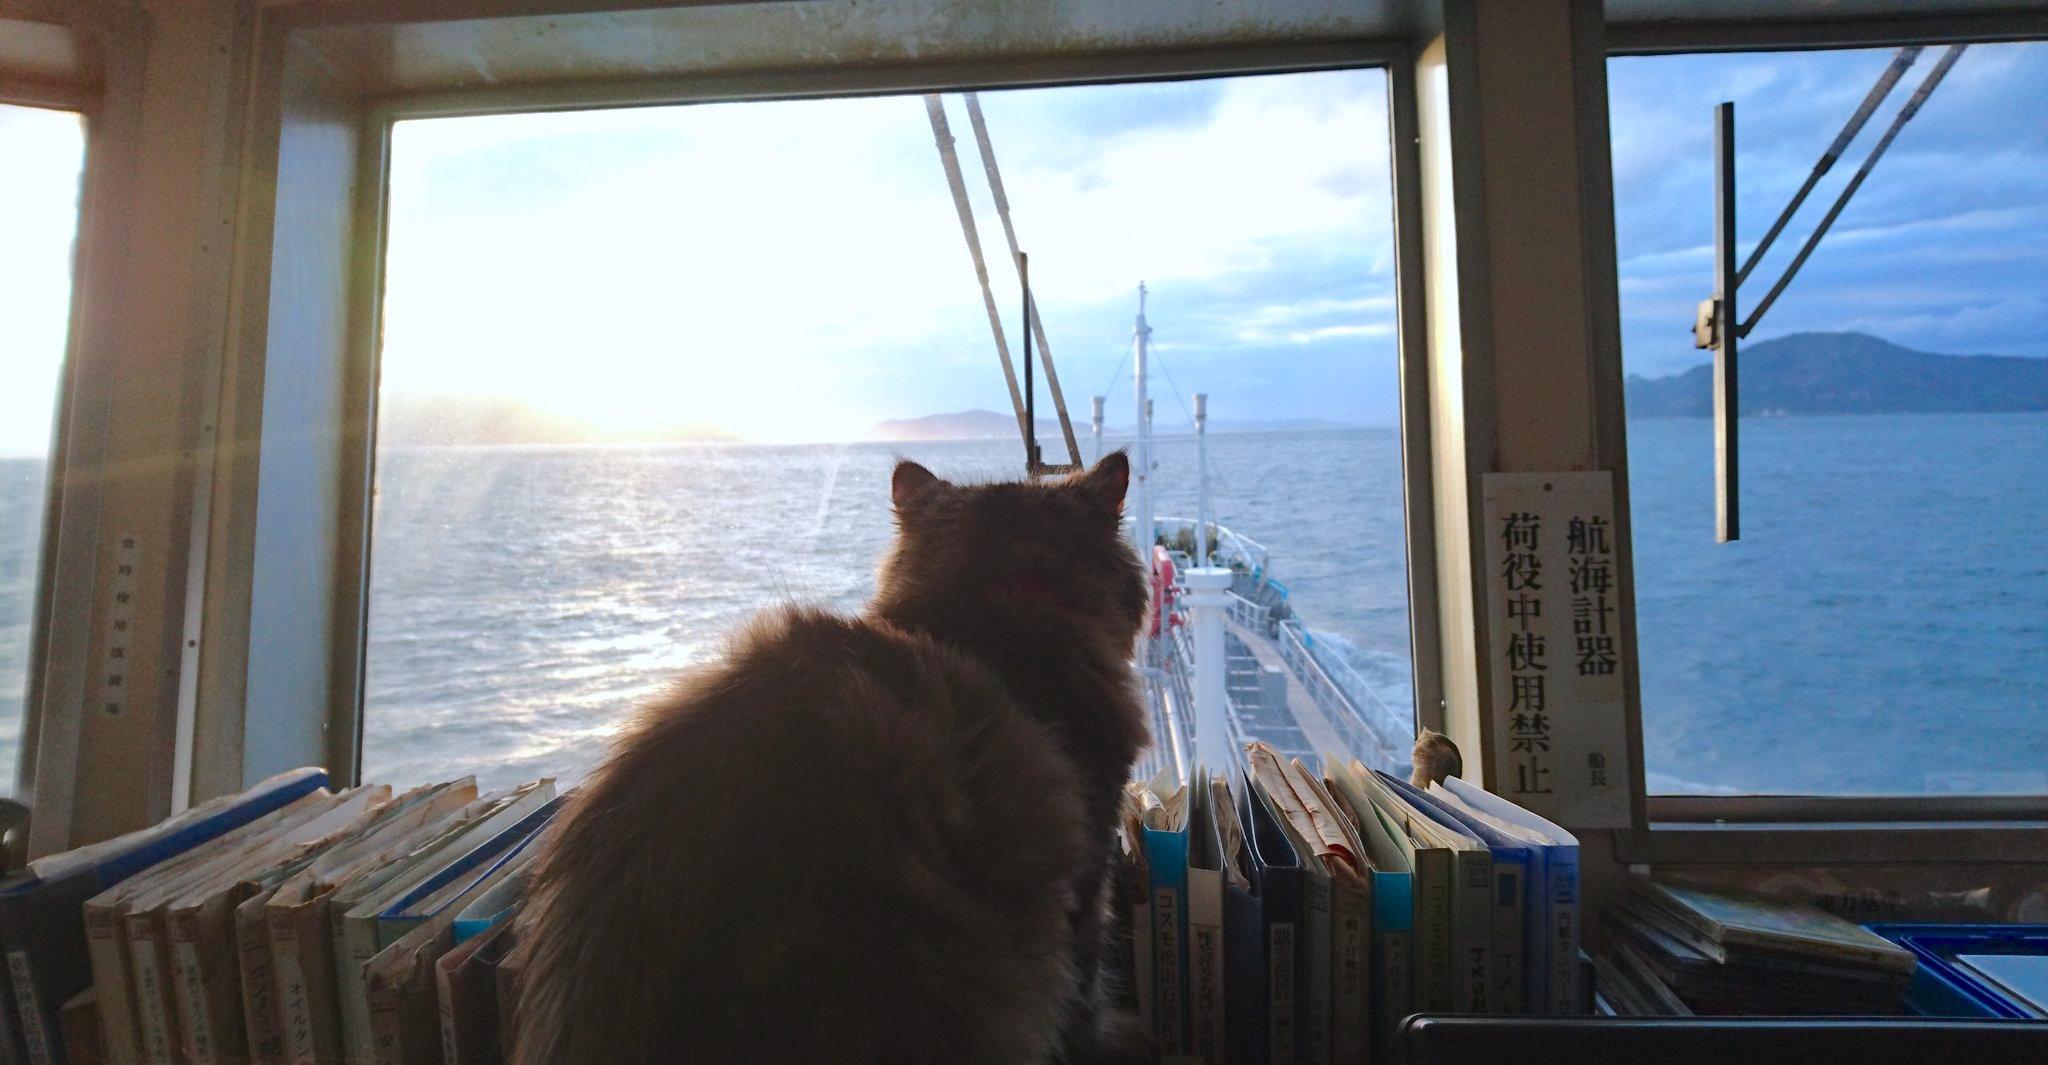 【海のニャンコ♡】ねこ船長として貨物船に乗る、小さな船員がカワイすぎると話題に(〃∇〃)